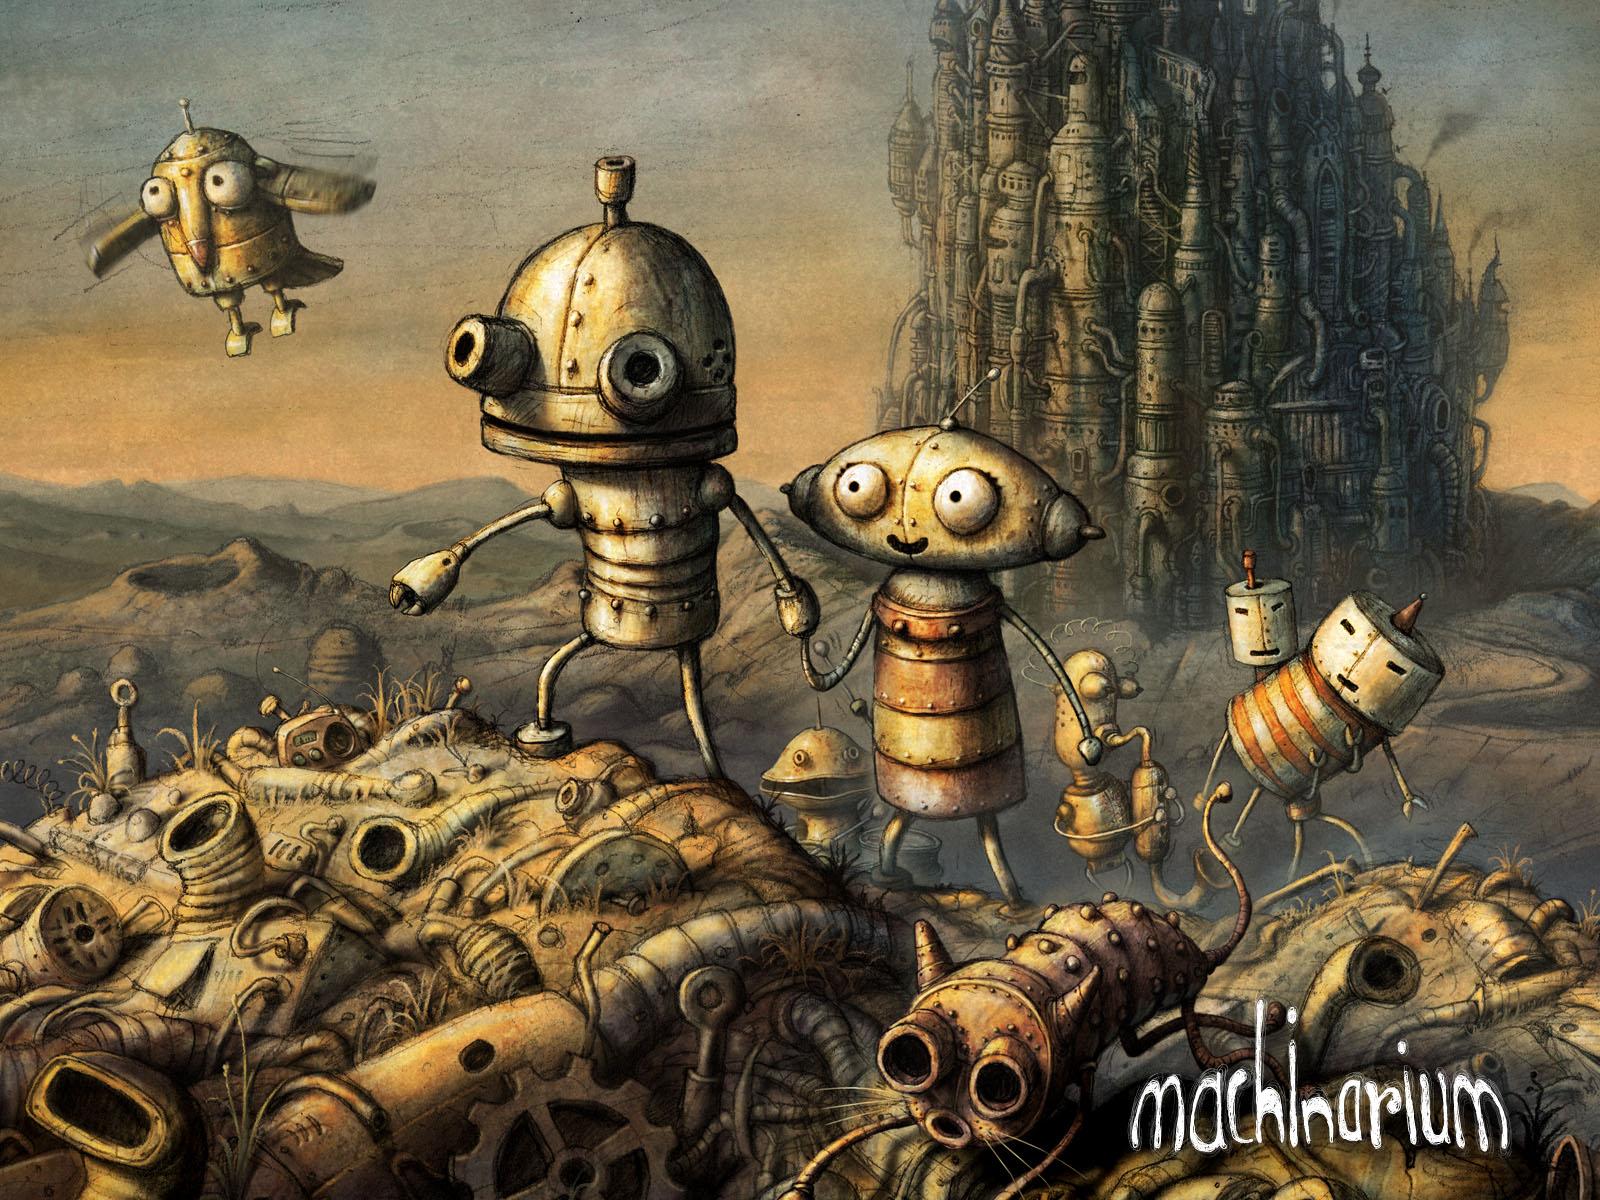 Machinarium Cover_1600x1200